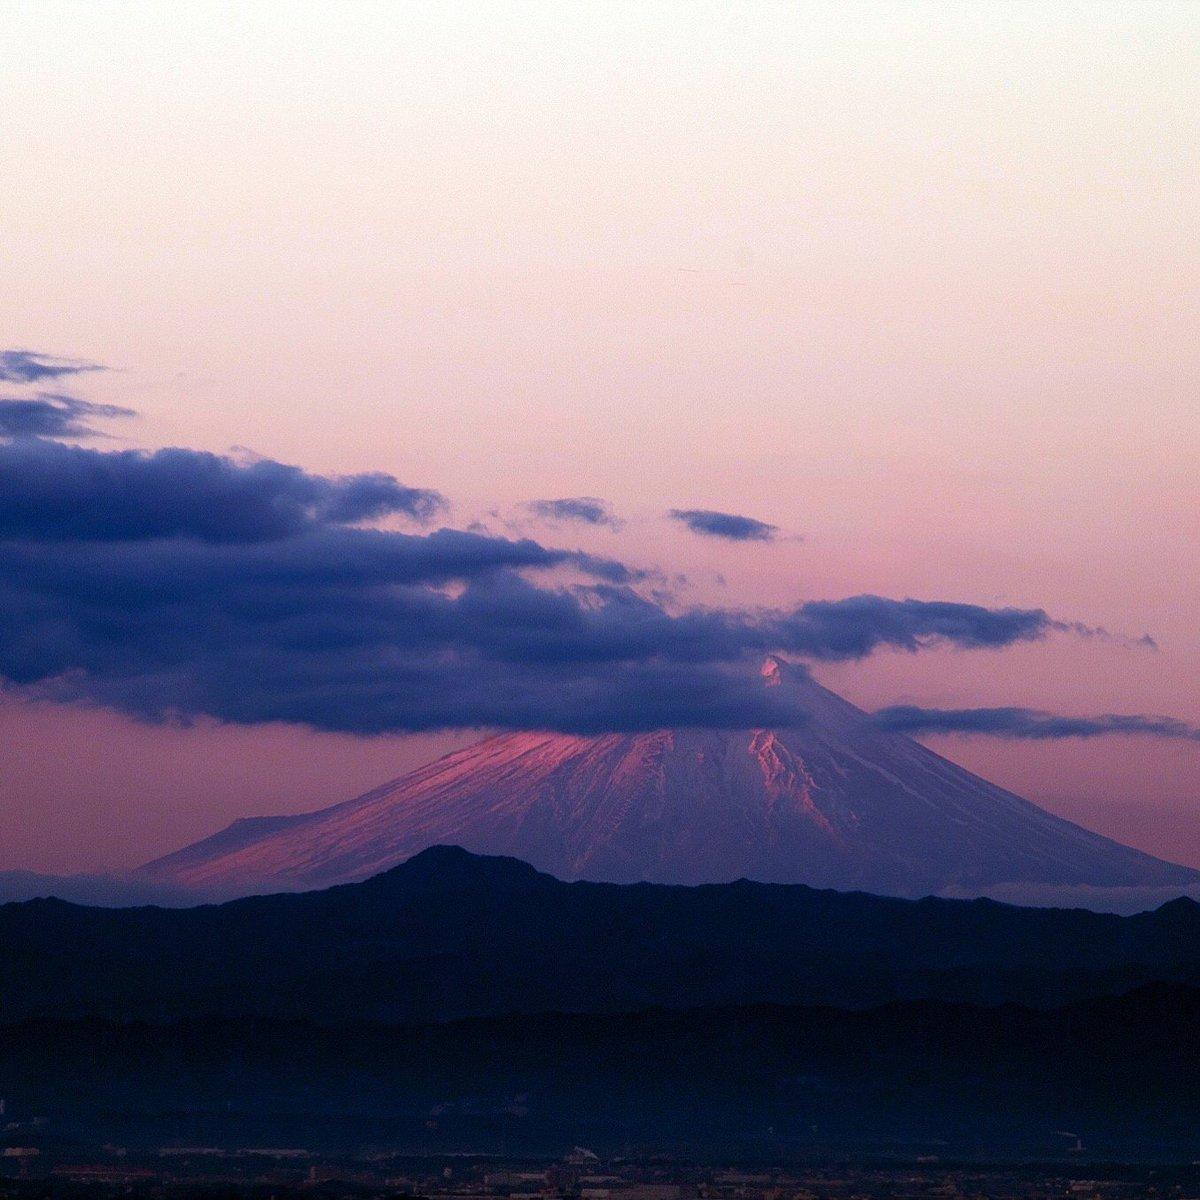 栃木からでも赤く見えます、富士山 #sorayo https://t.co/aQmn4SiKpW